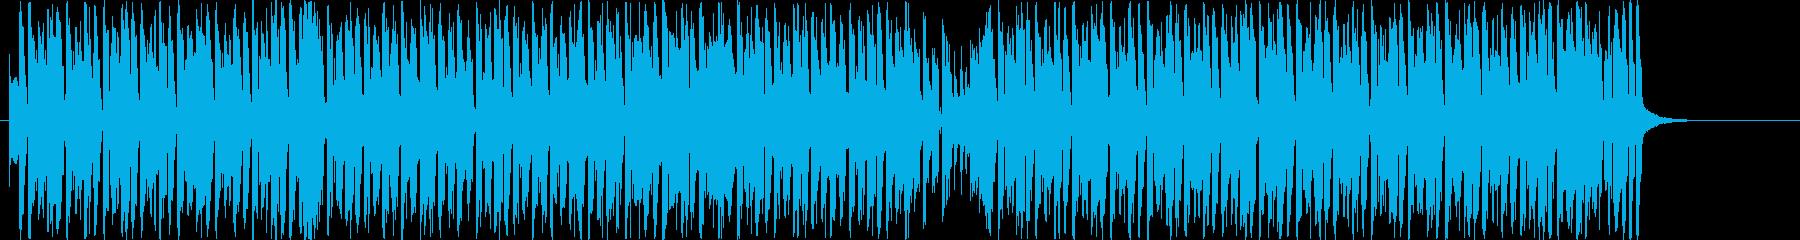 オープニングにぴったり疾走感あるEDMの再生済みの波形